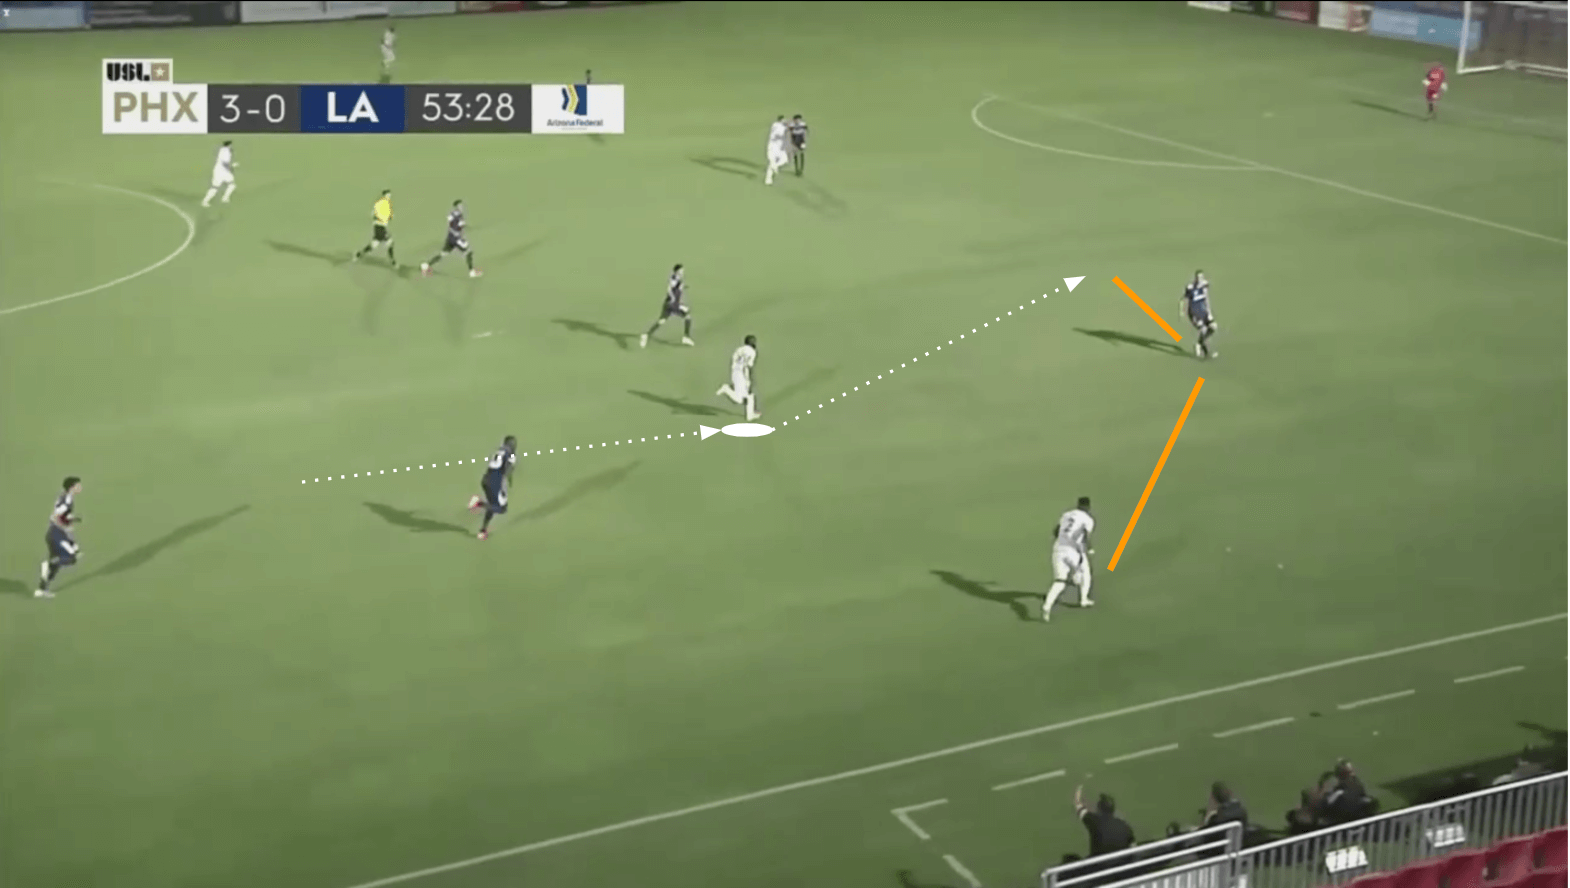 Solomon Asanté 2019/20 - scout report tactics